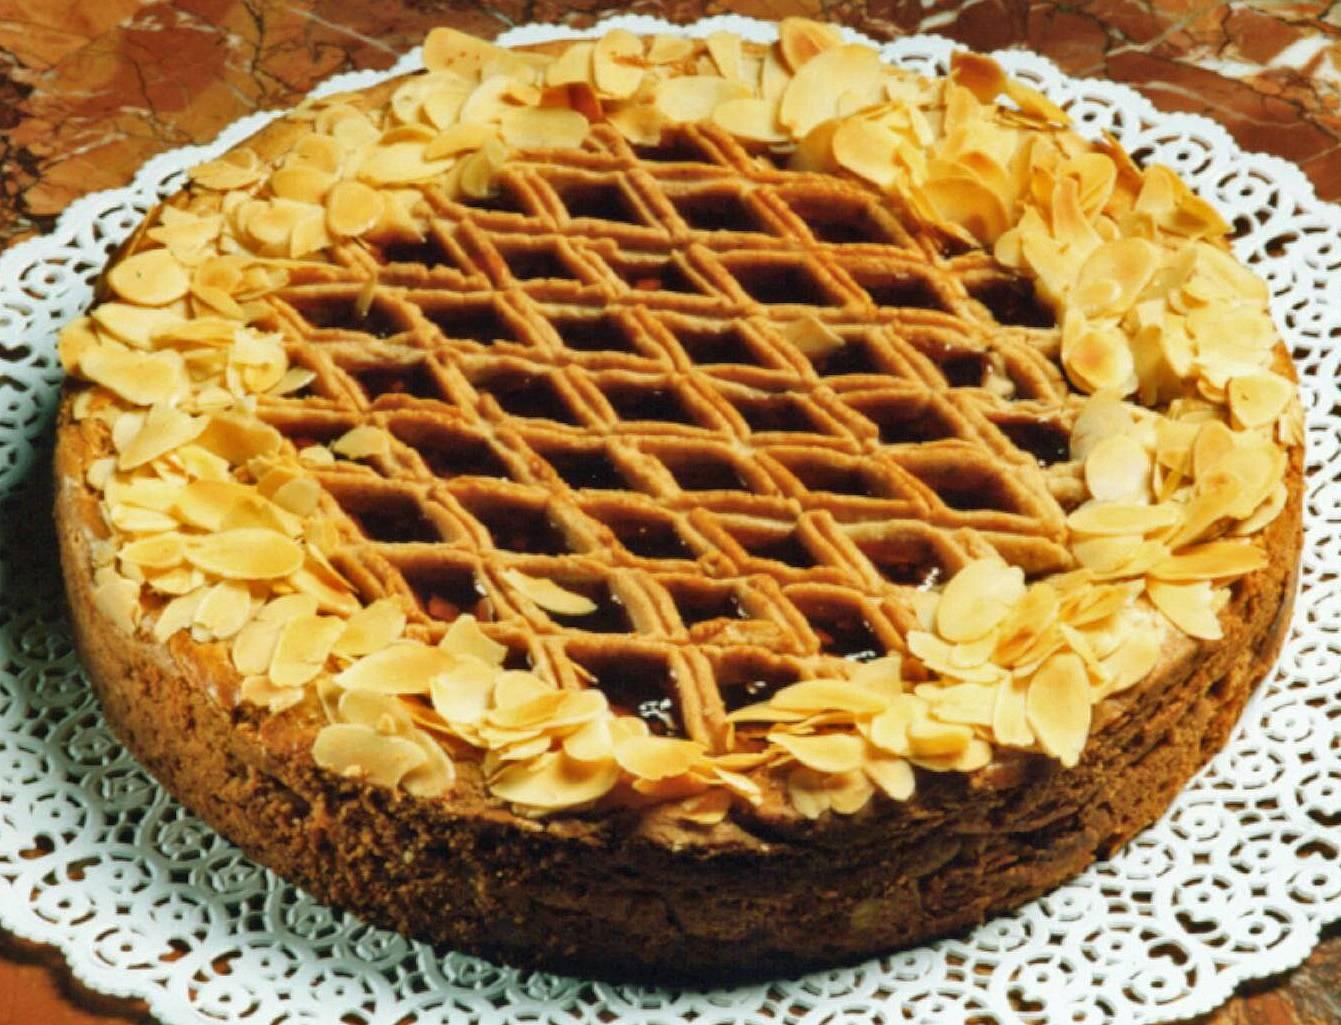 Torta de frango low carb pode ser salgada, mas as doces, como a Linzer Torte, fazem o maior sucesso também.